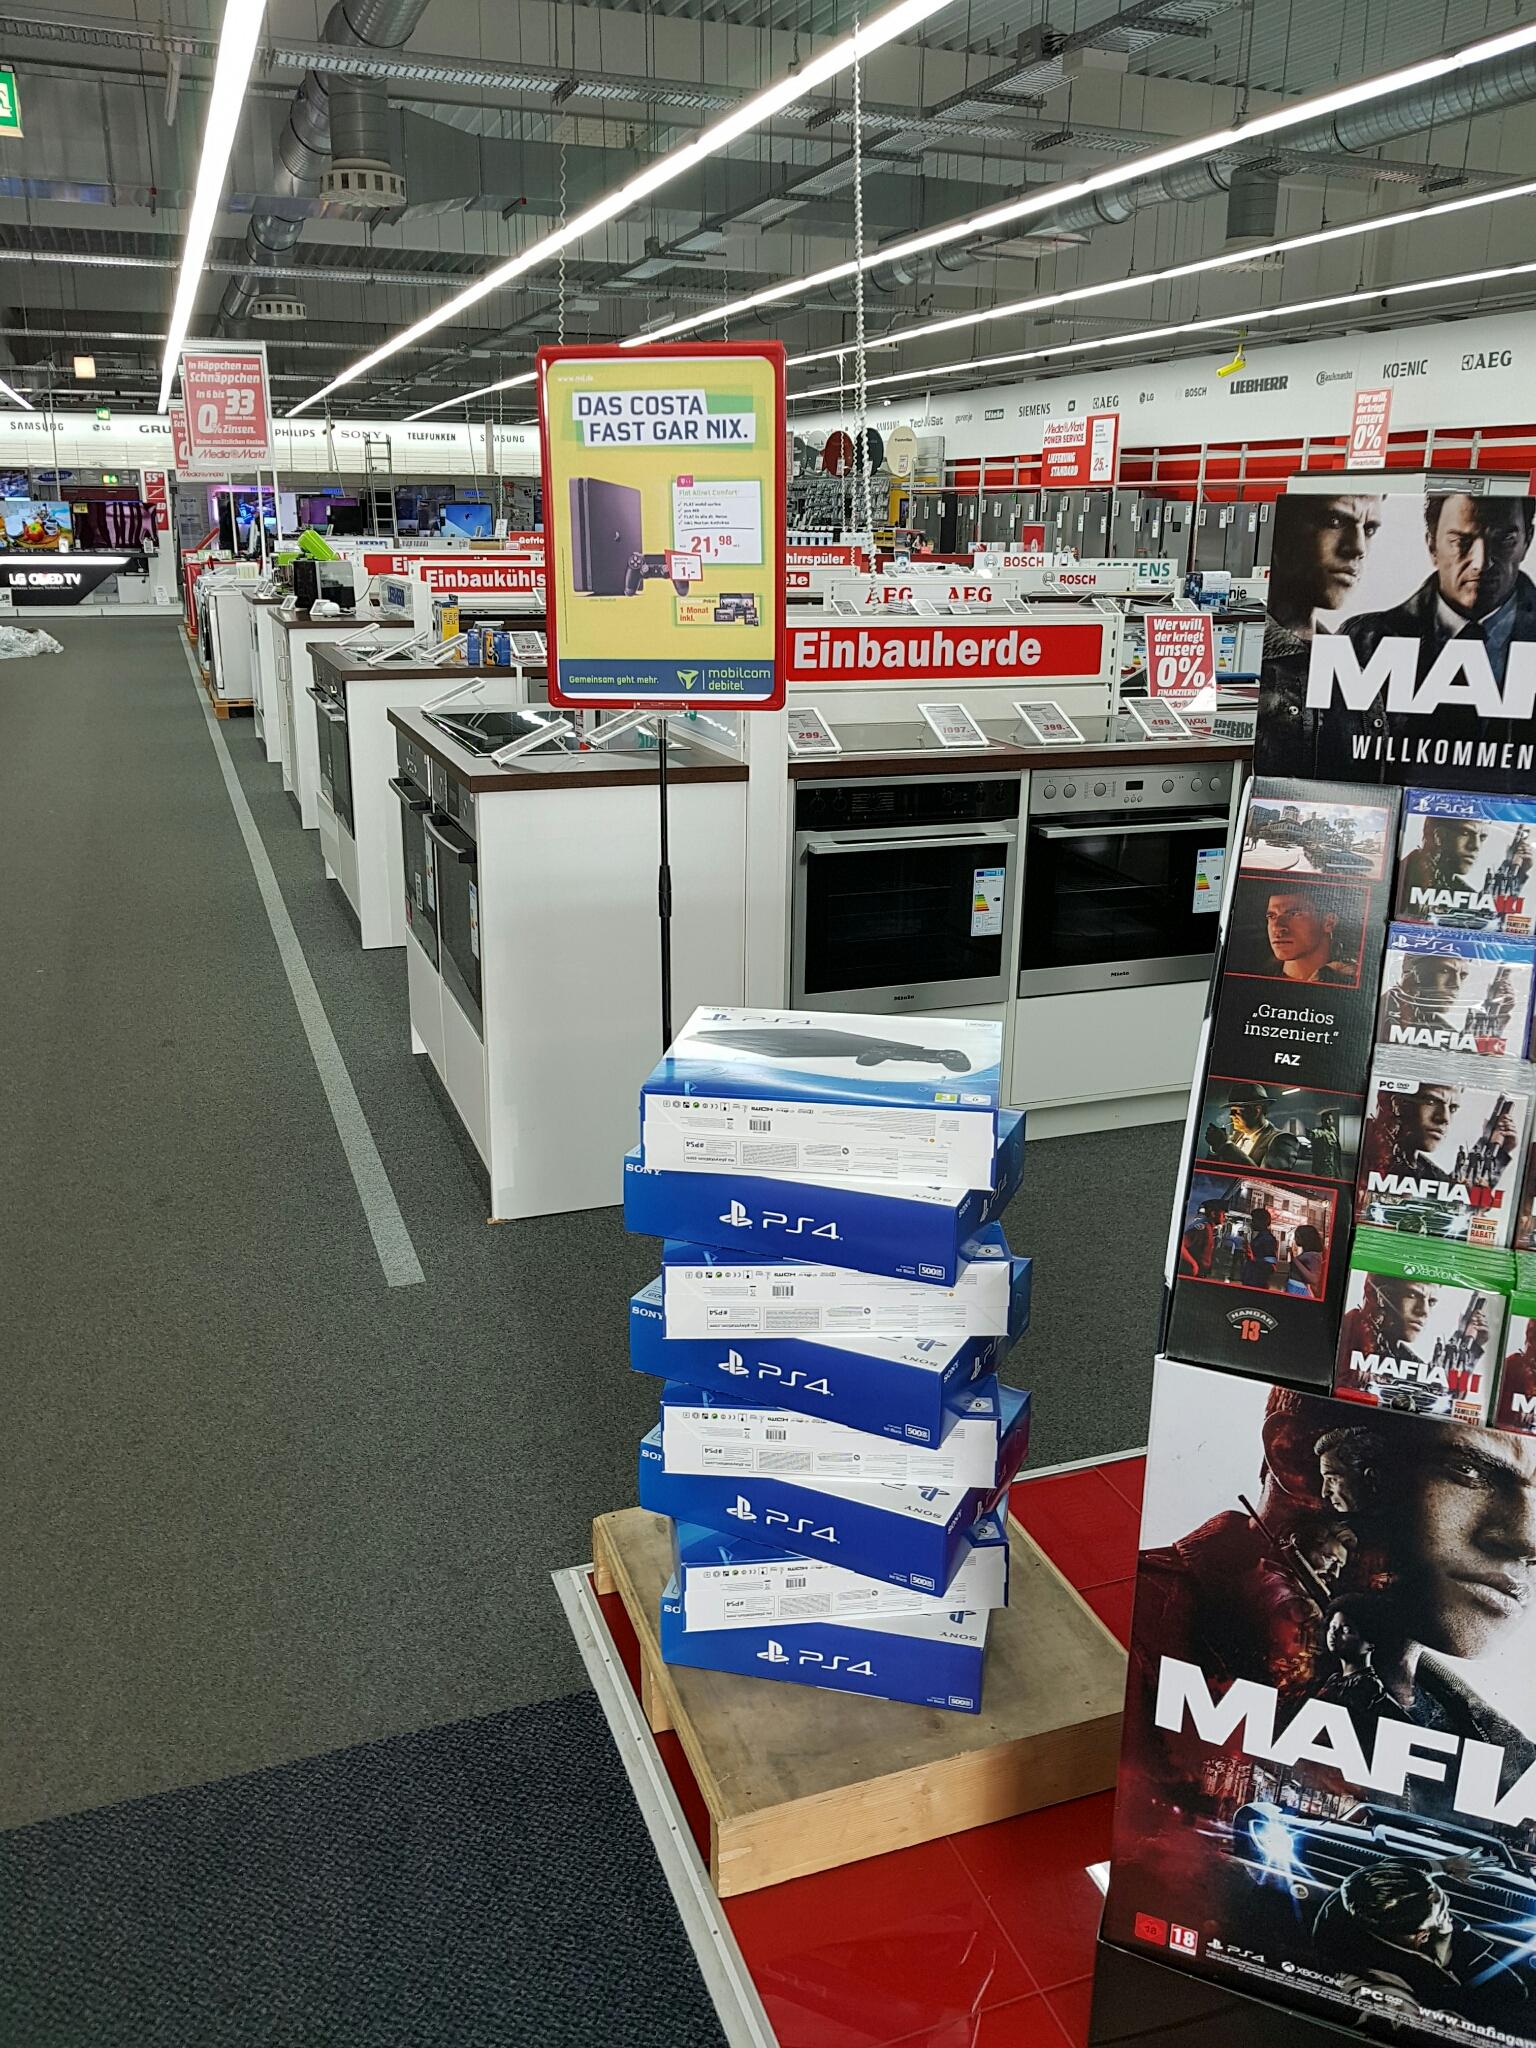 [Lokal][offline] Media Markt Meerane - Playstation 4 Slim 500GB mit Vertrag für 1€